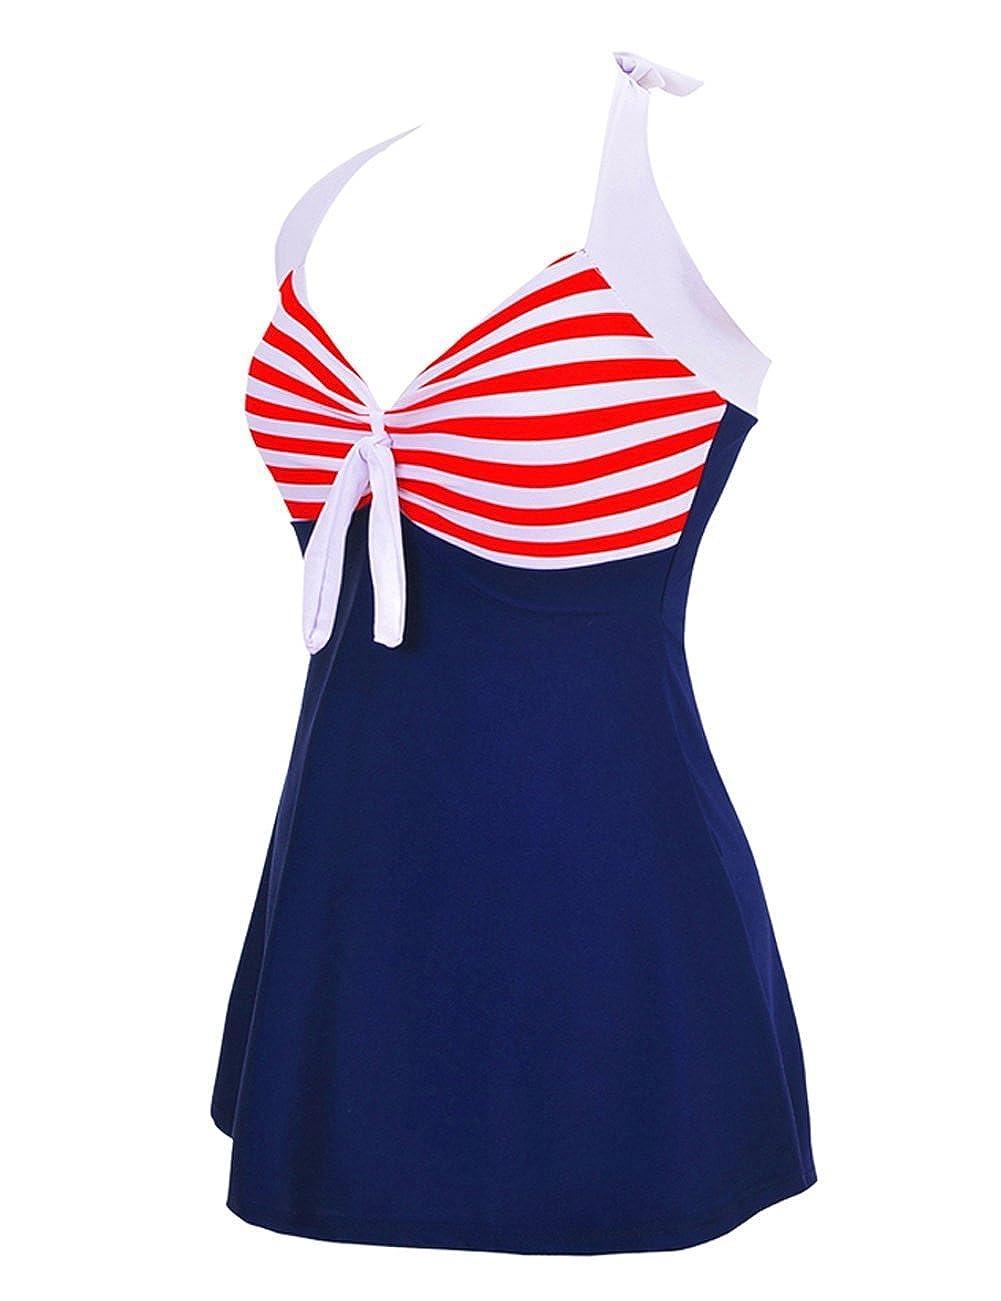 FeelinGirl Damen Tankini Sommer Badeanzug Einteiliger Swimsuit Mit H/öschen Bauchweg Einteiliger Badekleid